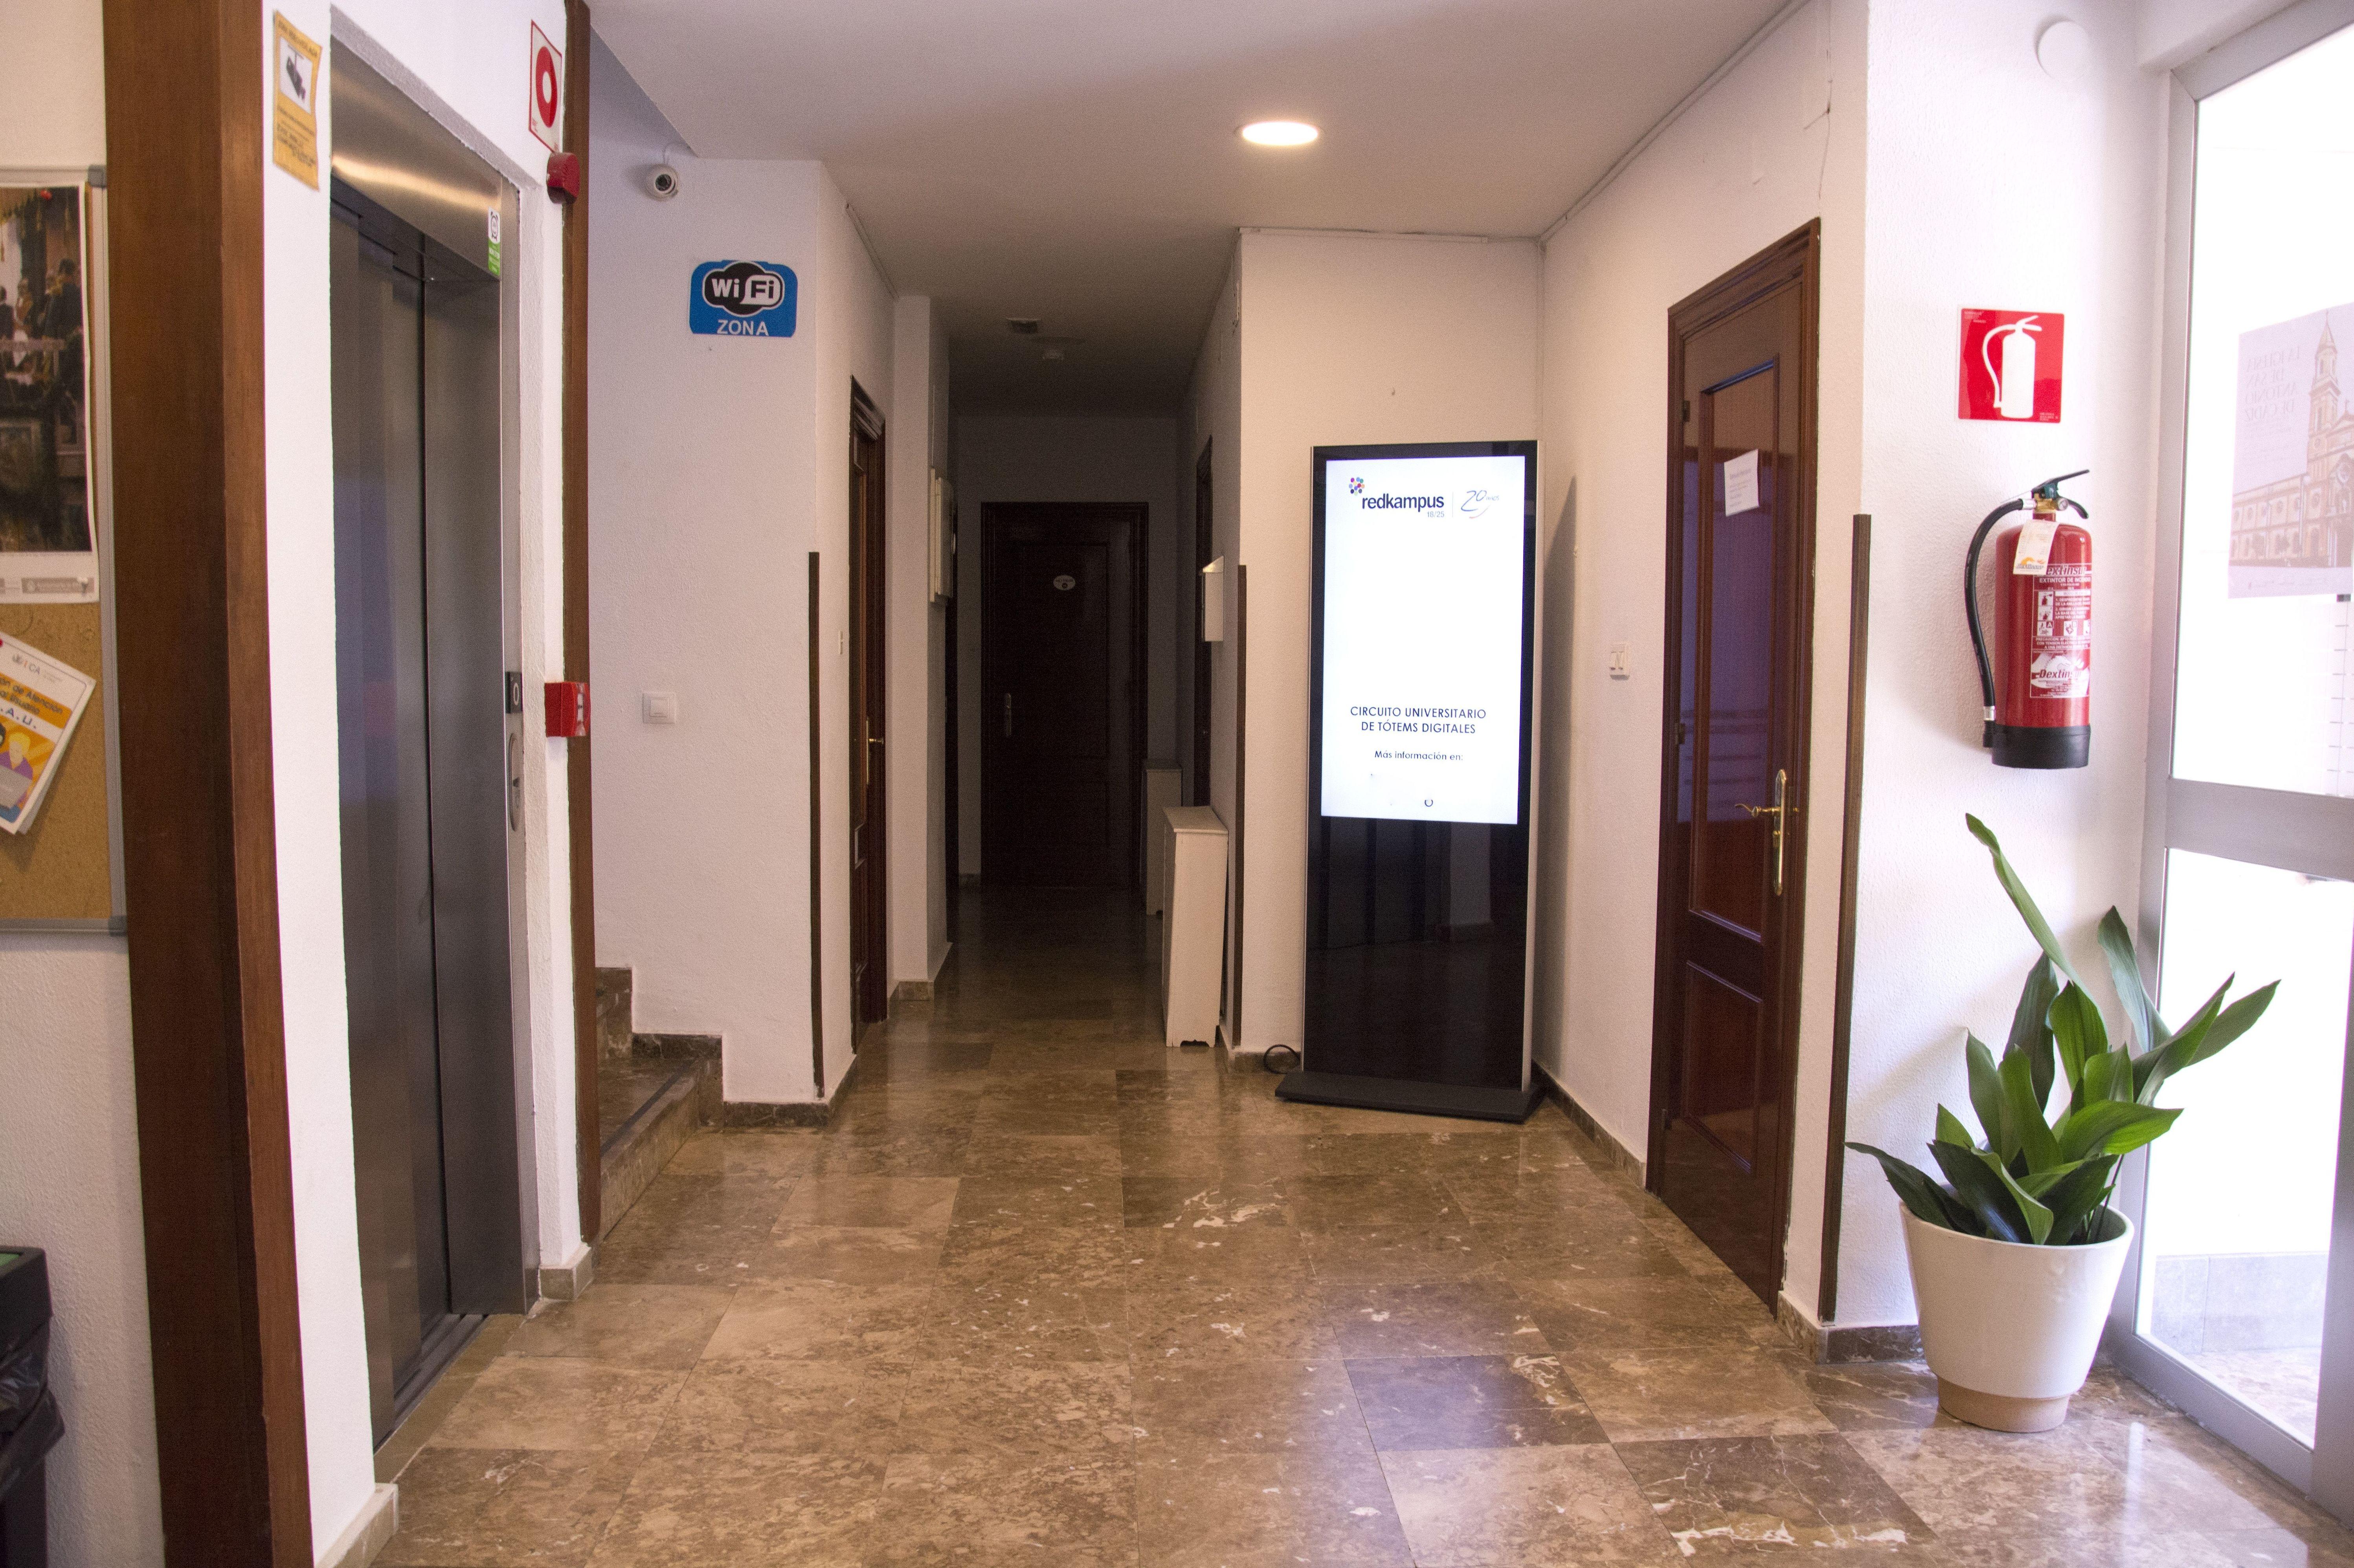 Foto 5 de Residencia de estudiantes en Cádiz | Residencia de Estudiantes Cádiz Centro